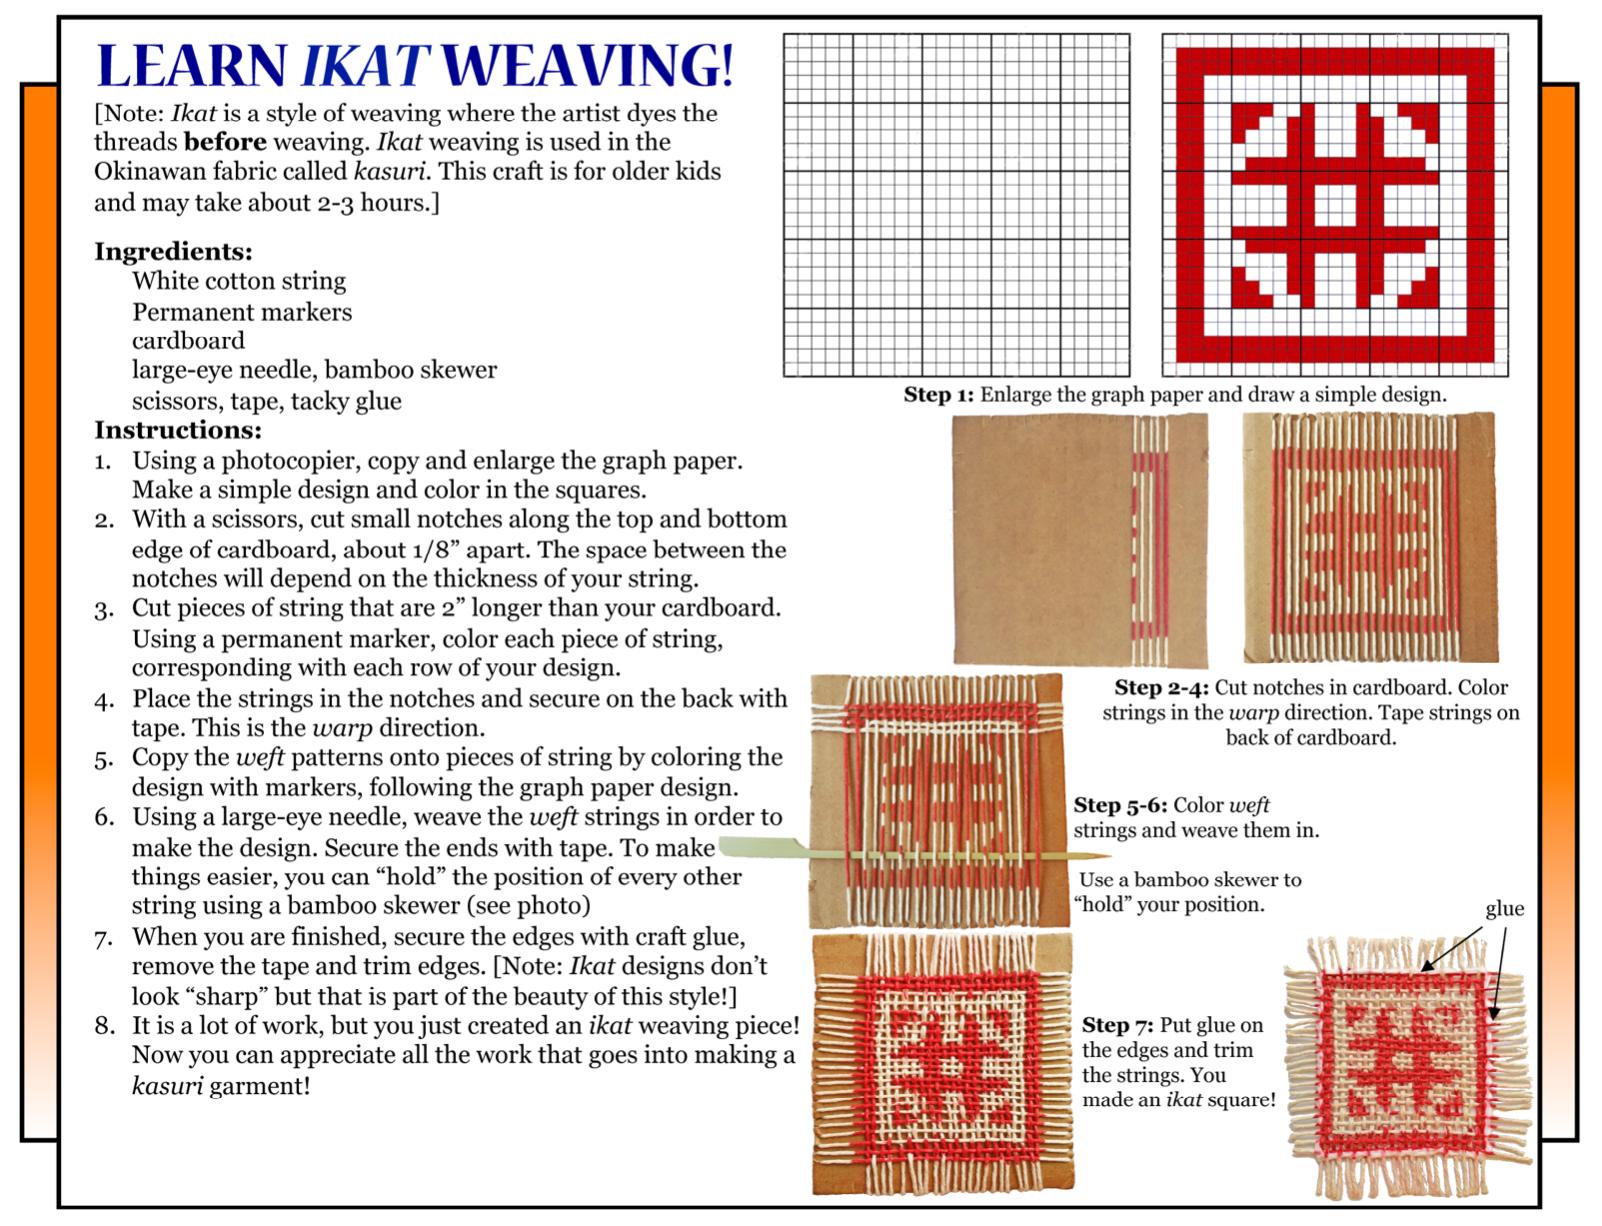 Culture4Kids! 35th Okinawan Festival 'Learn Ikat Weaving!'